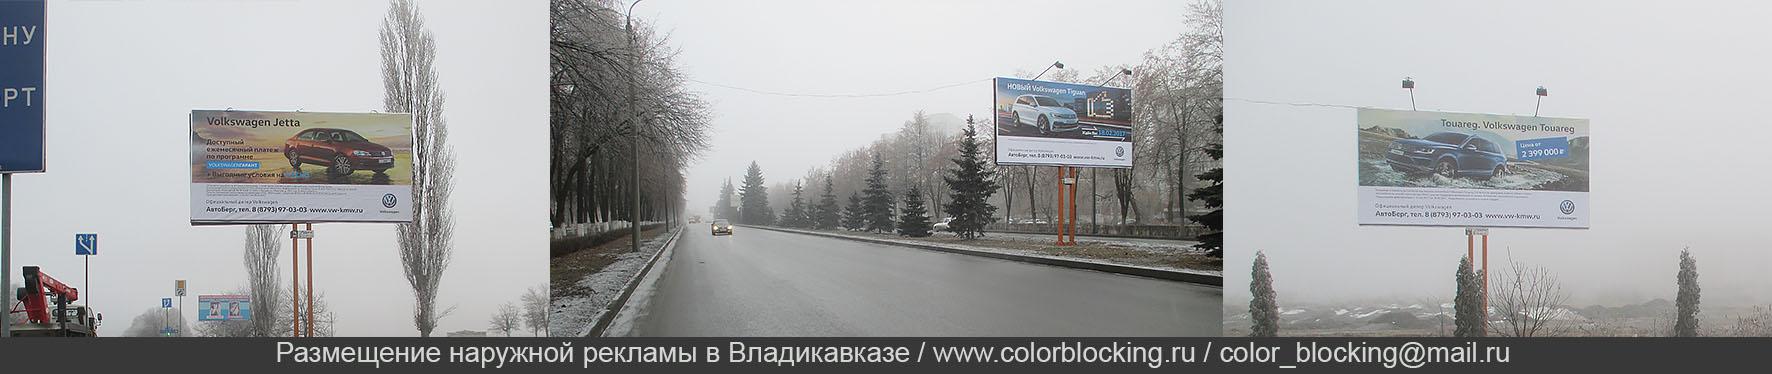 Реклама наружная в Грозном и Владикавказе